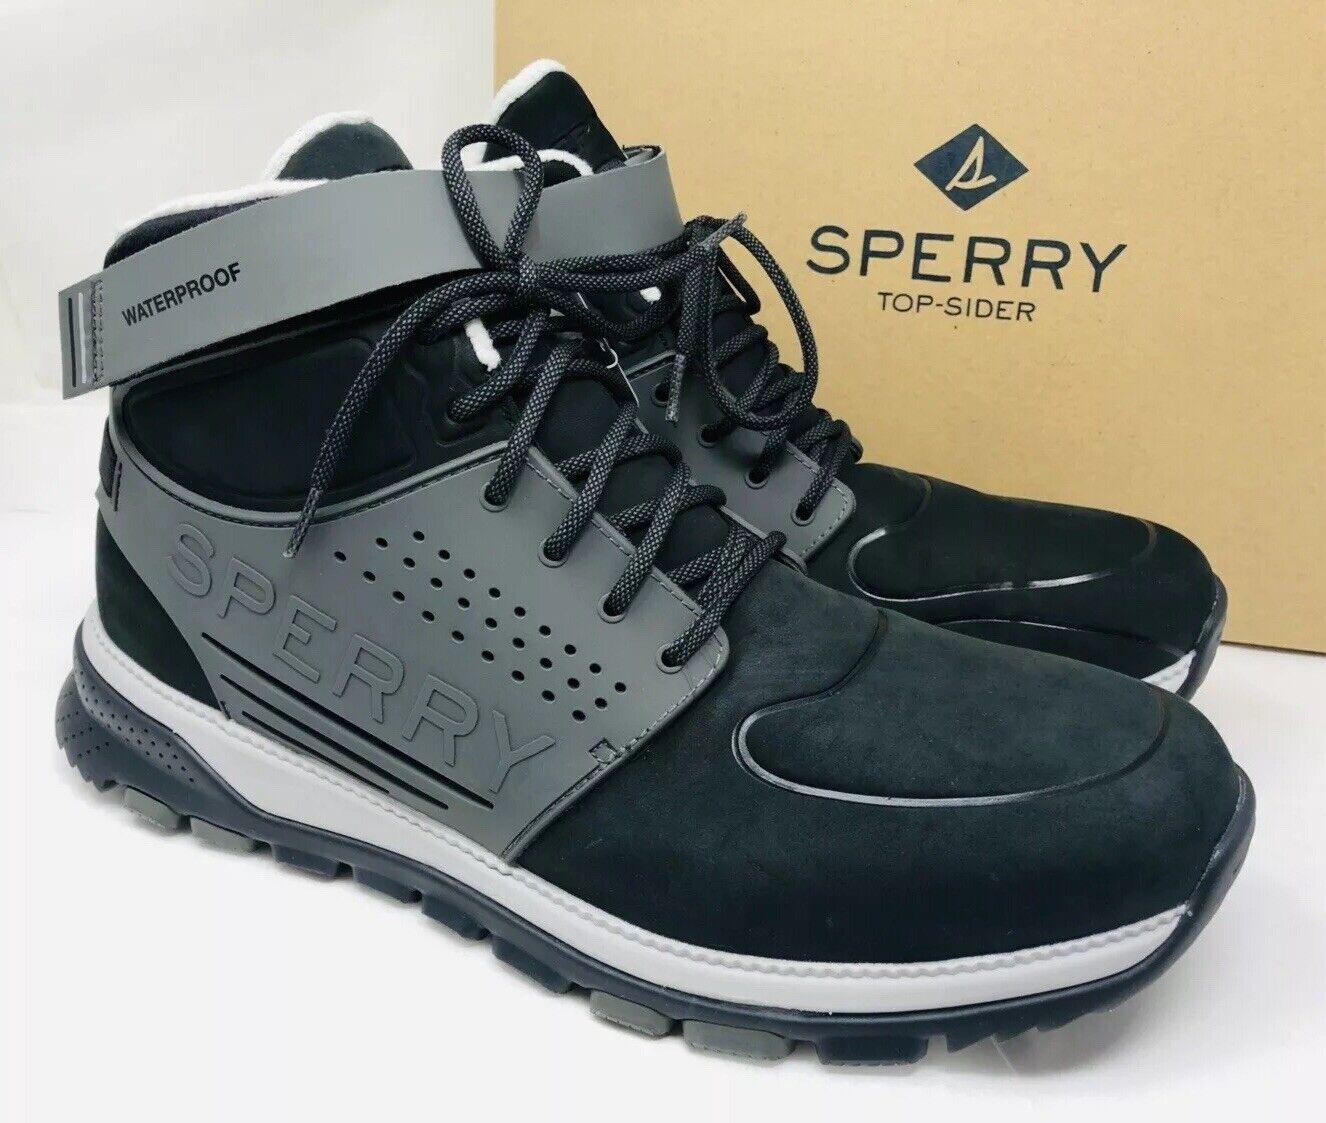 Sperry Top-Sider Para hombre Seamount botín Chukka Negro gris, elige un tamaño precio minorista sugerido por el fabricante